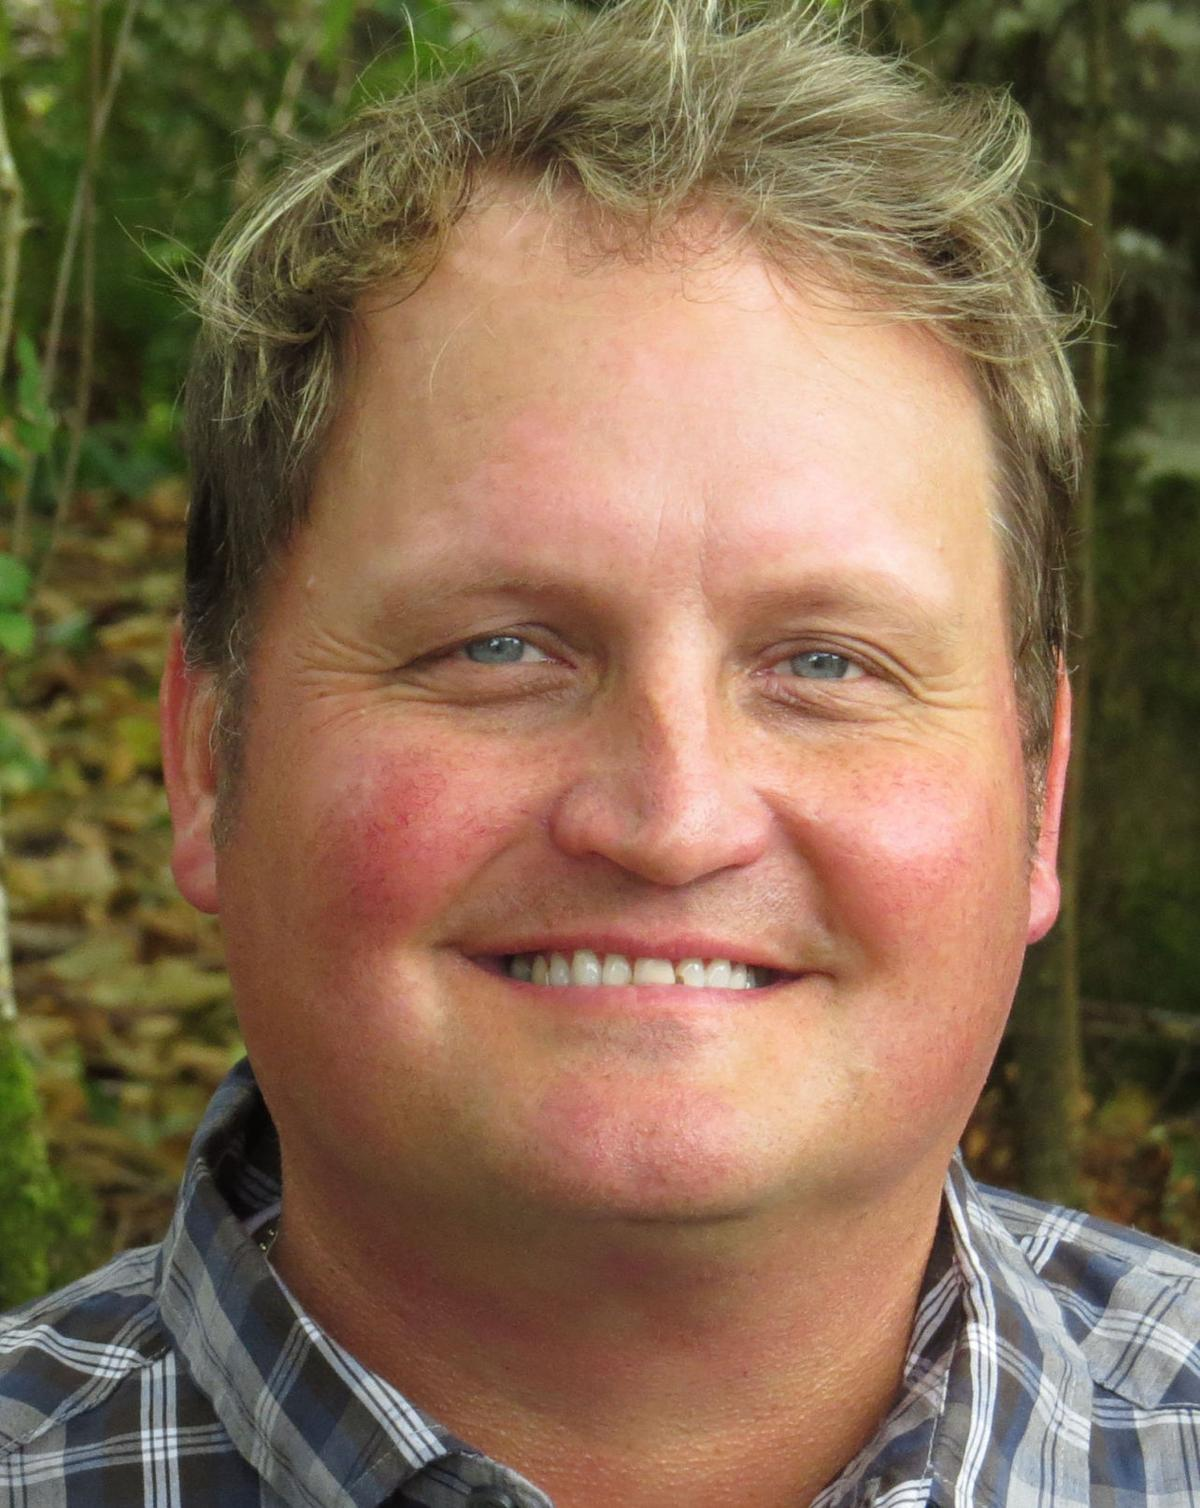 Mark Kujala